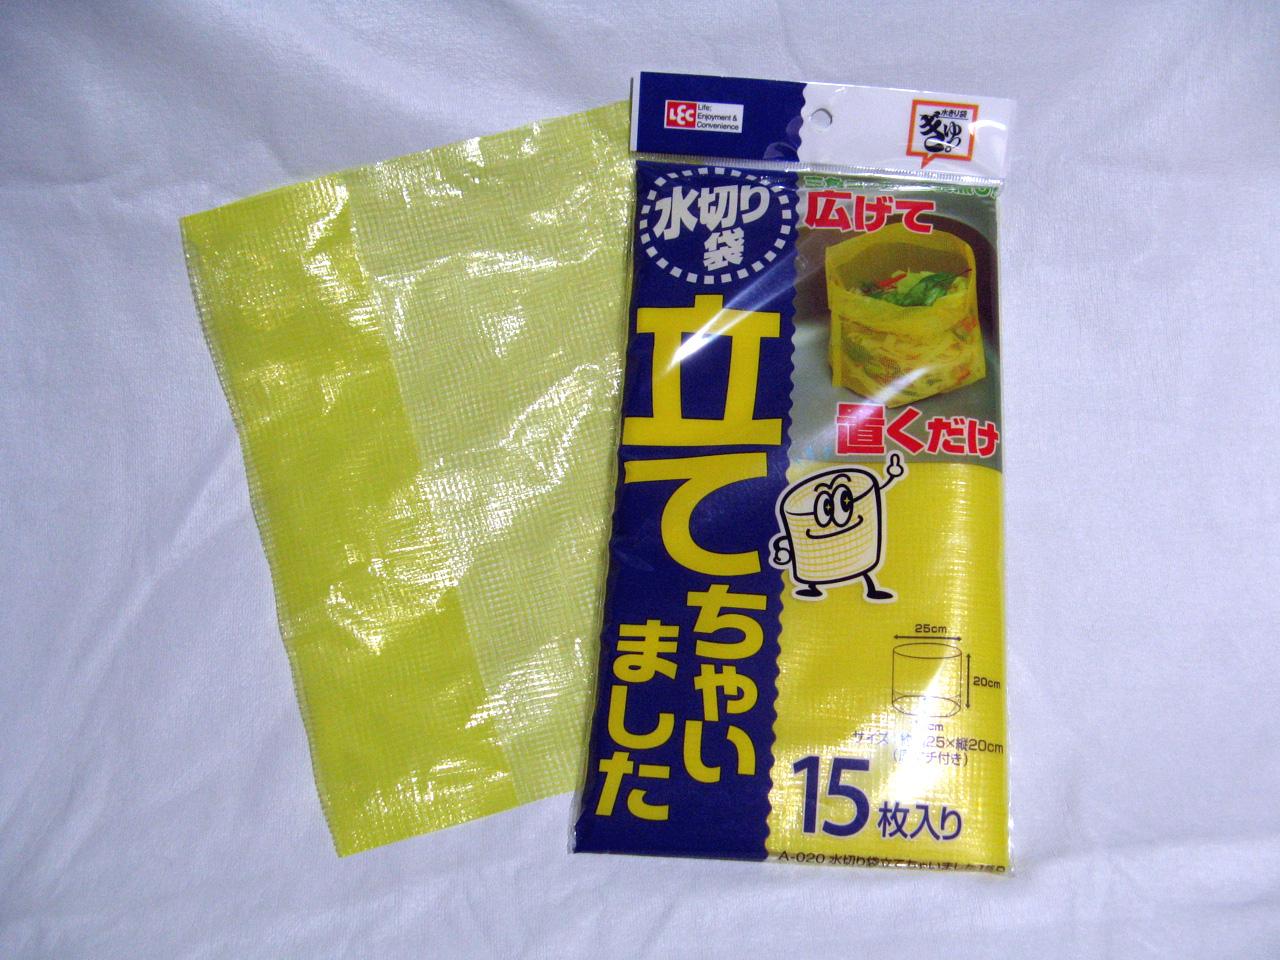 製品の特性をストレートに伝える商品名。スーパーでは、15枚入りで200円強で売られている